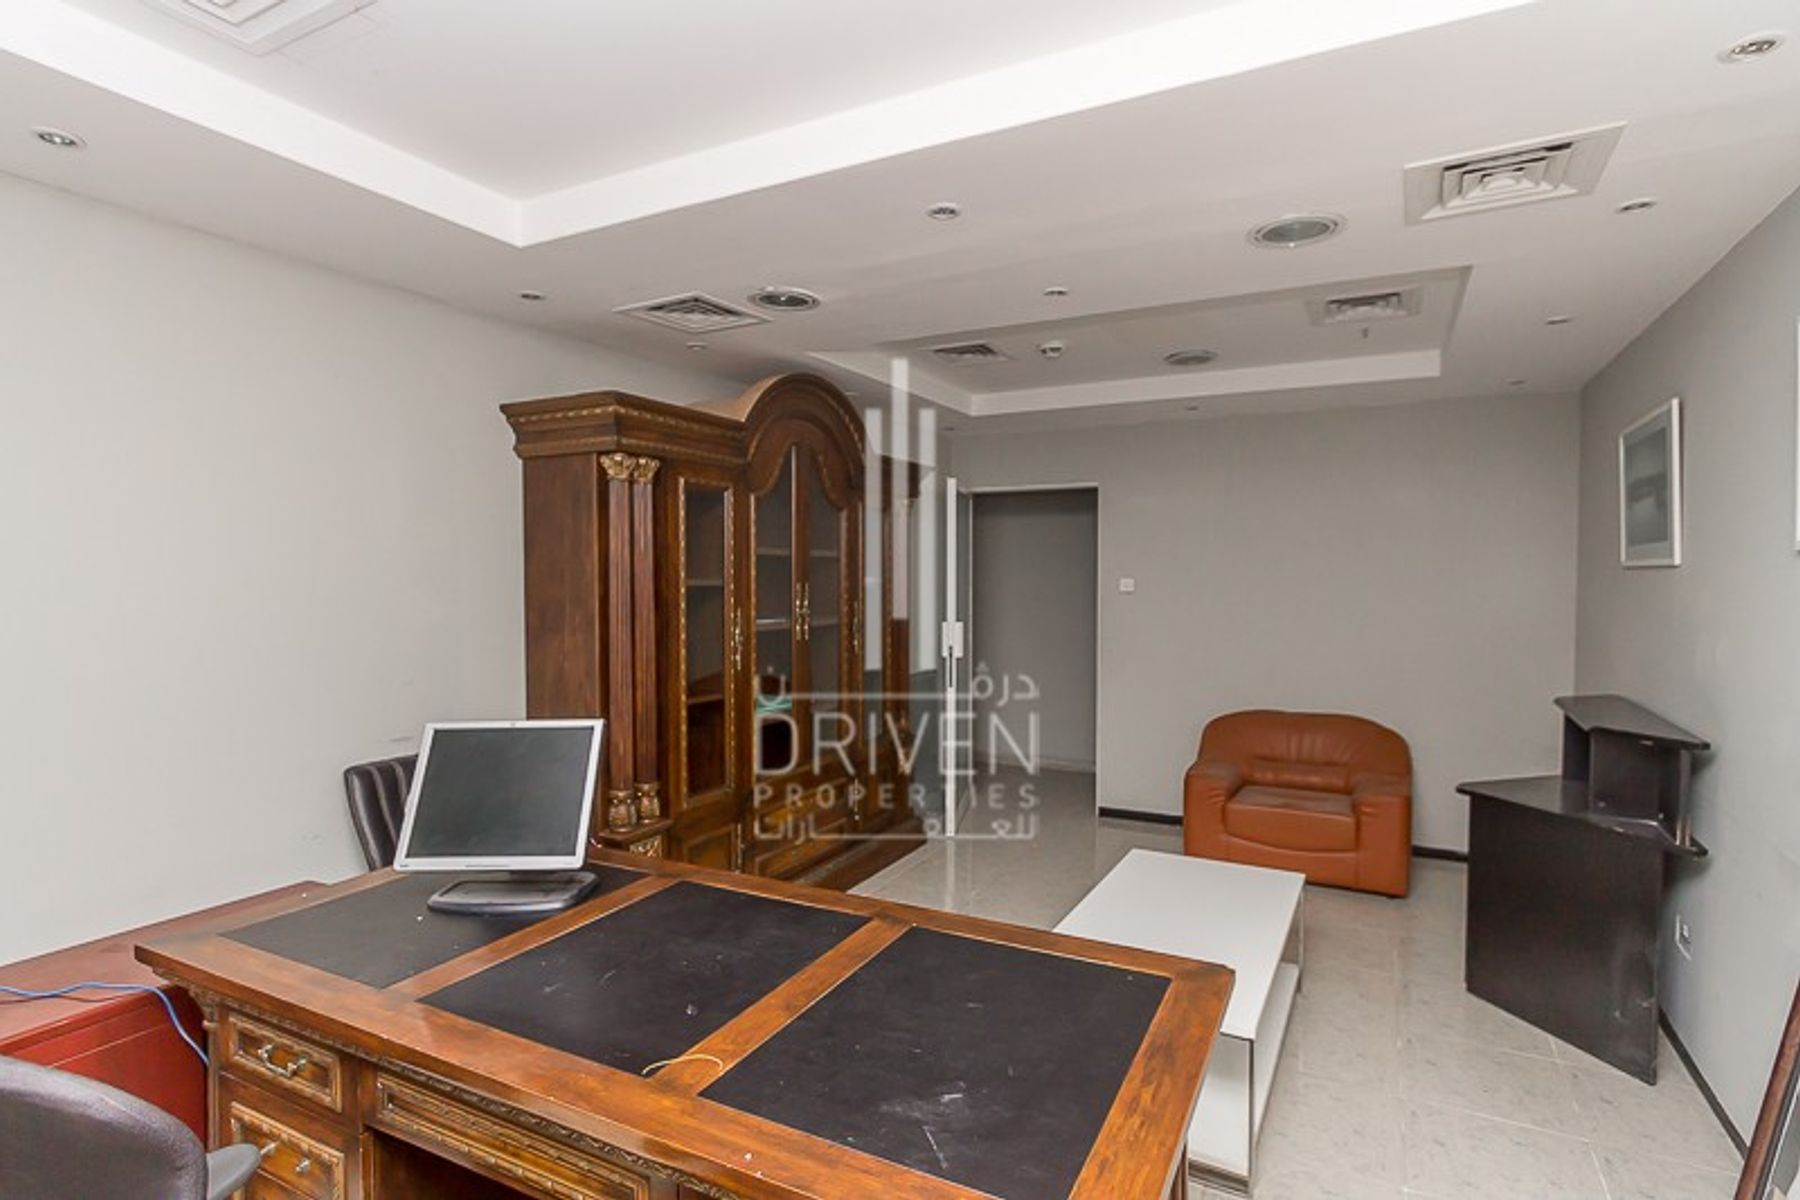 للايجار - مكتب - برج التجارة العالمي- البرج التجاري - شارع الشيخ زايد